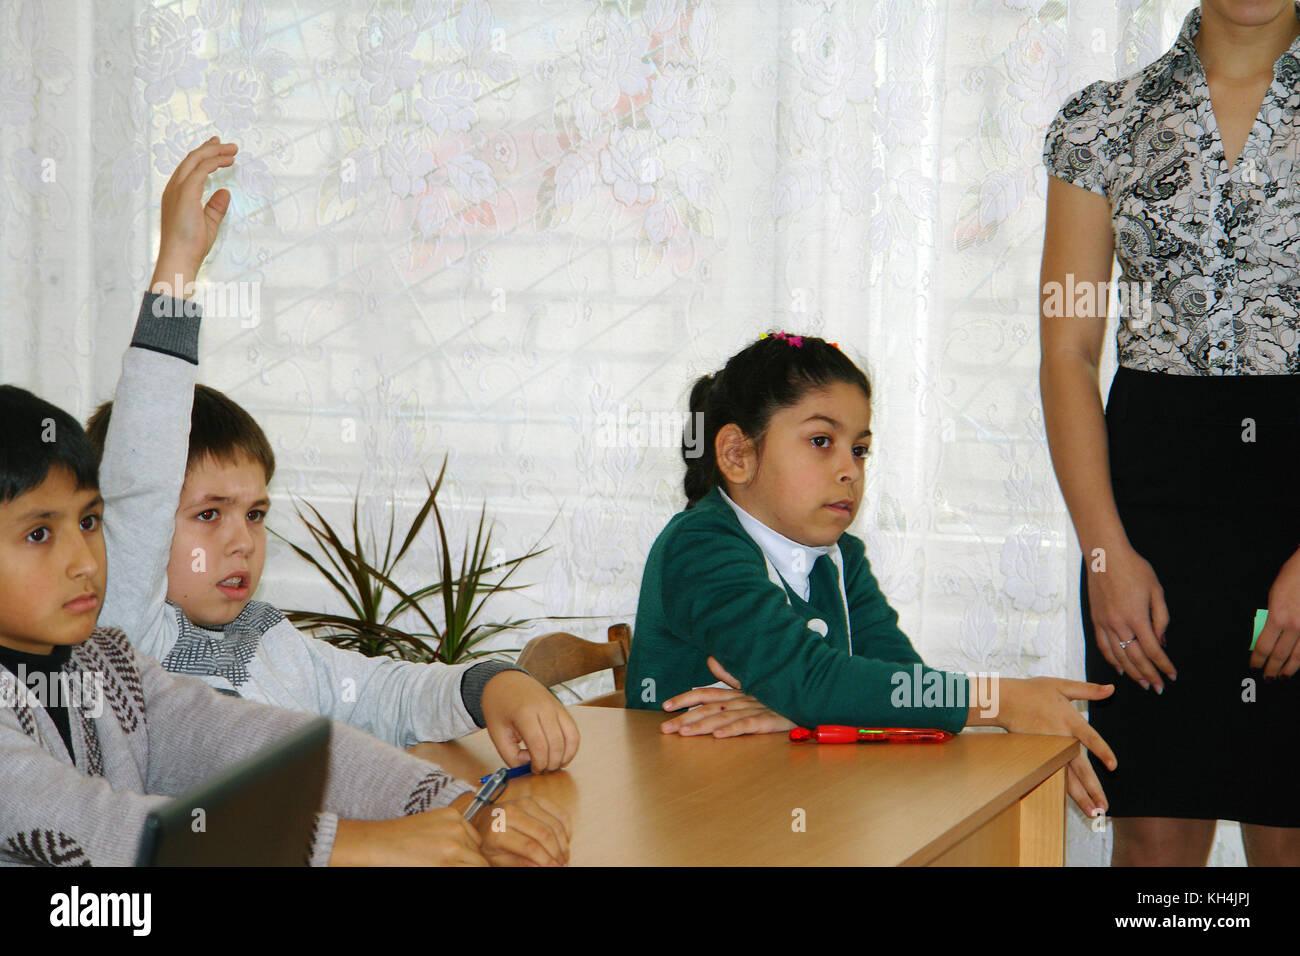 Schoolchildren in classroom - Stock Image